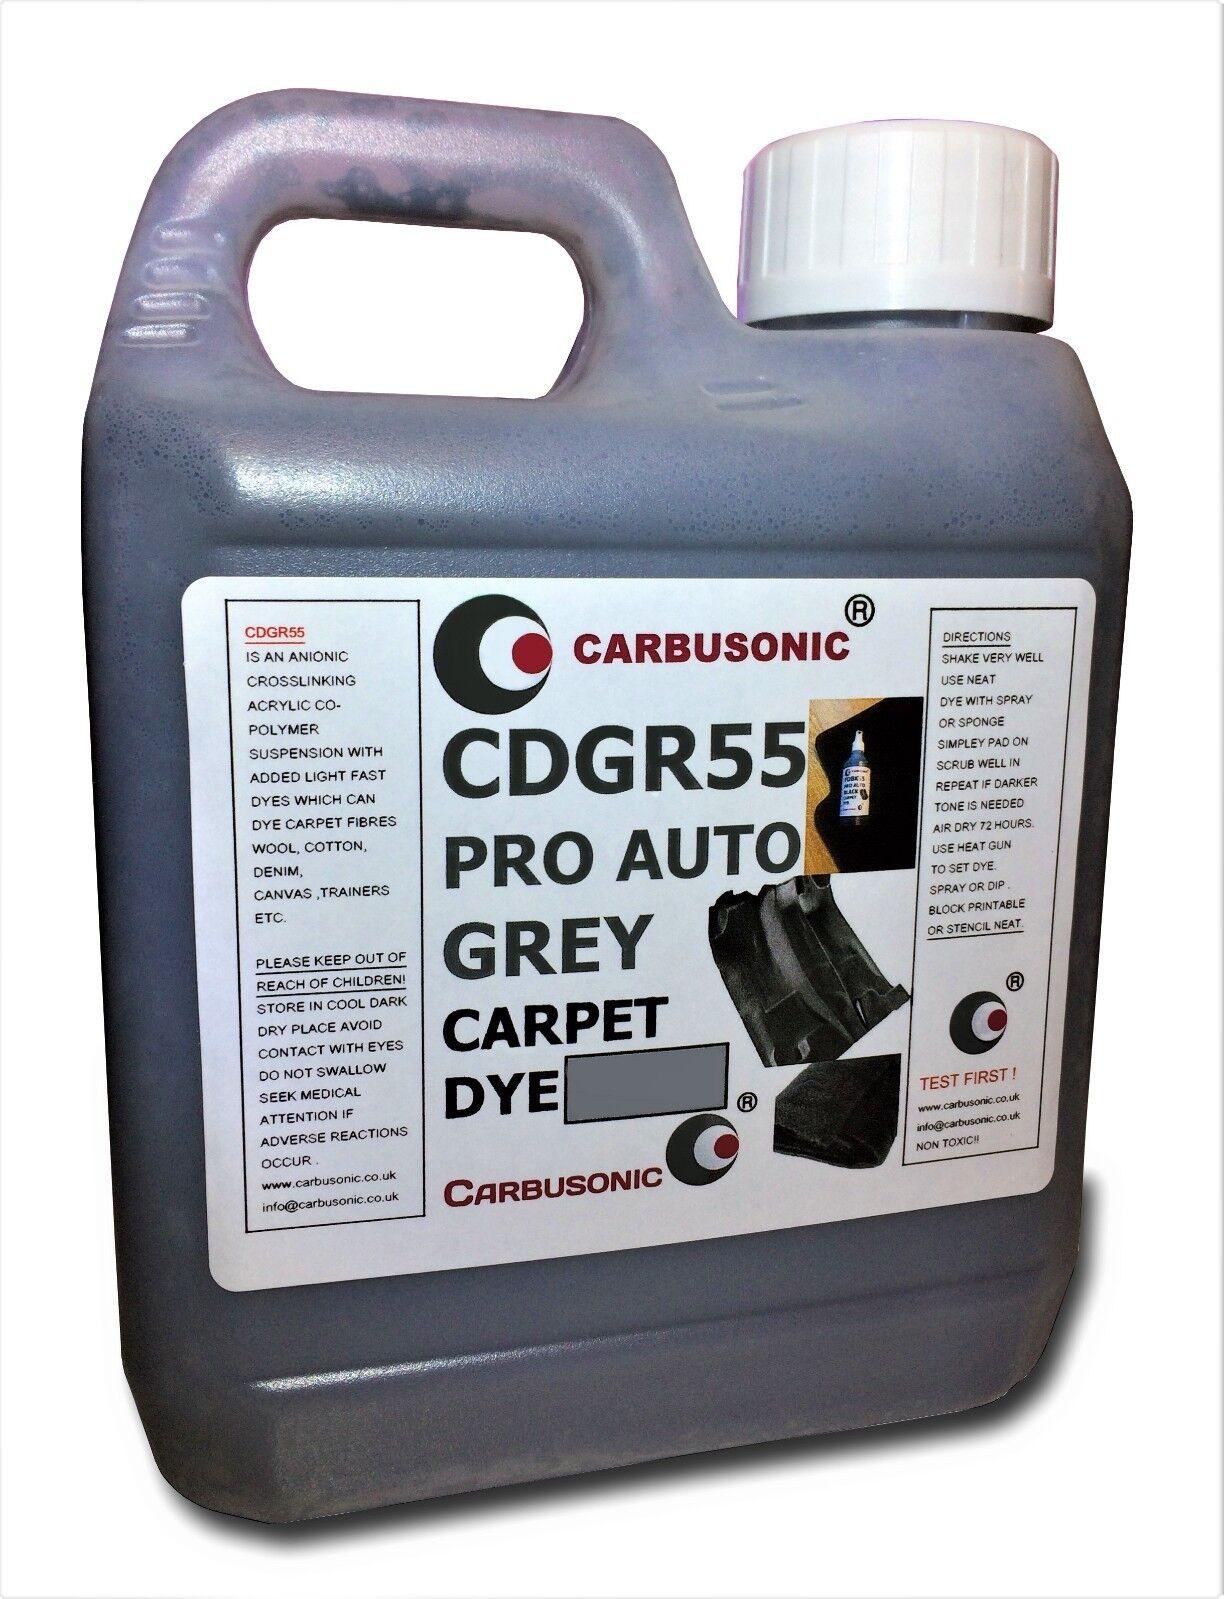 Carpet dye -  Grey Interior Renovation, Car Trim Faded Carpet Dye 1 Litre